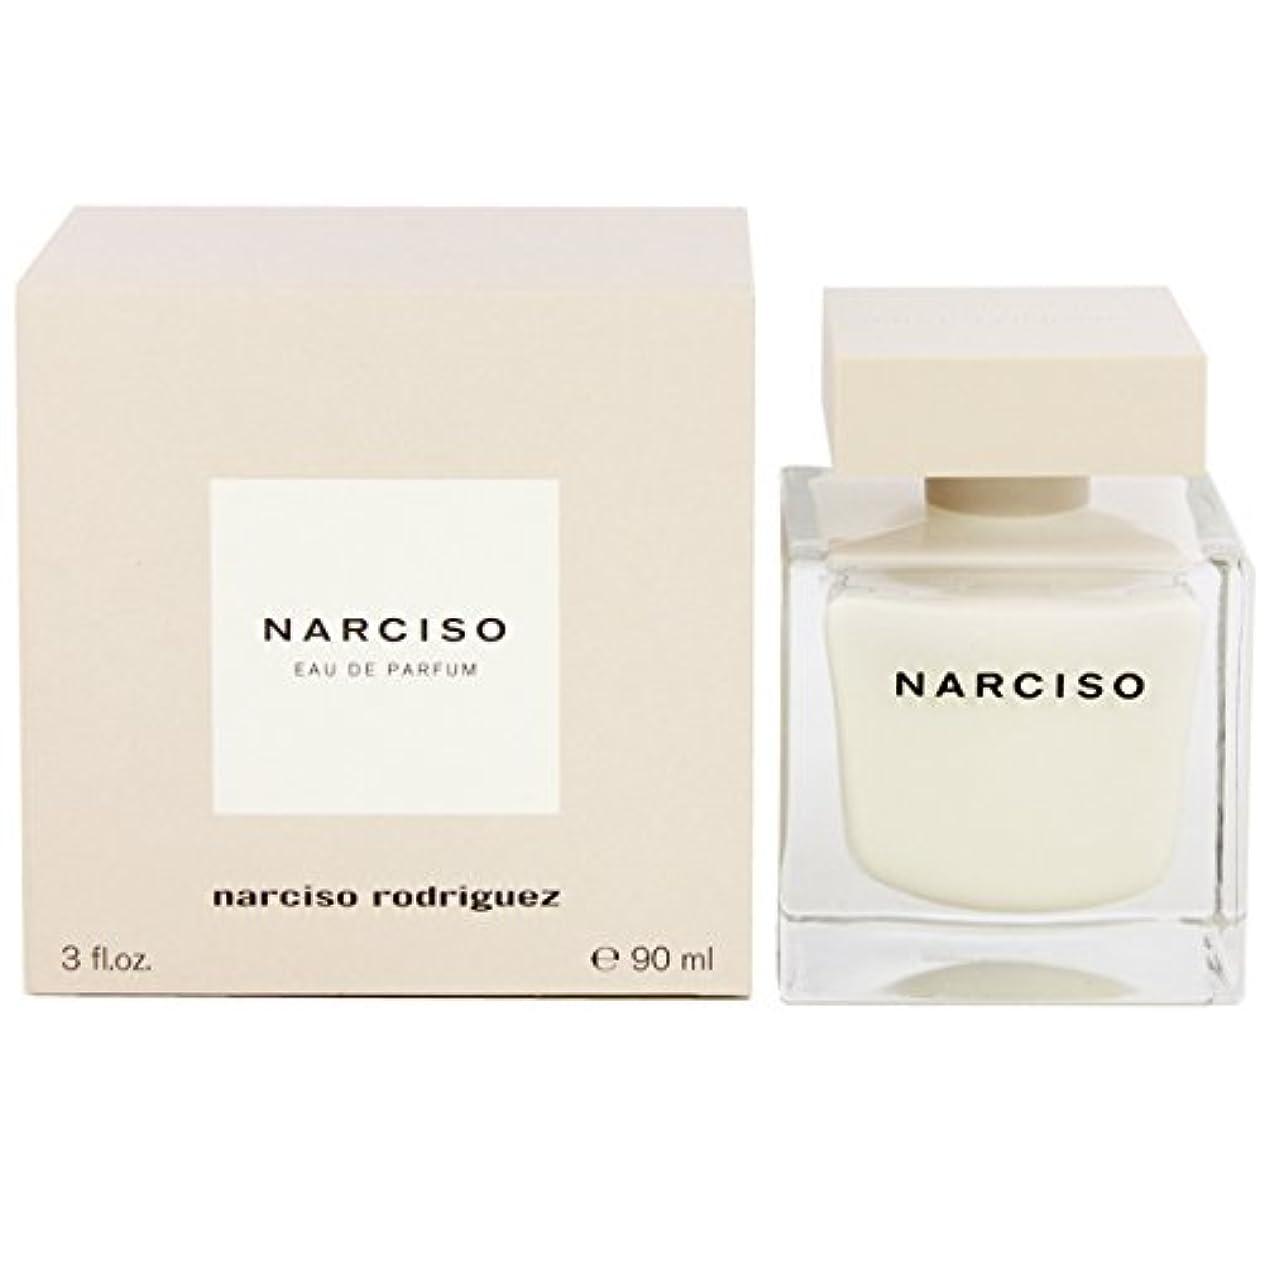 概念ピニオンビリーヤギナルシソロドリゲス Narciso Eau De Parfum Spray 90ml/3oz並行輸入品